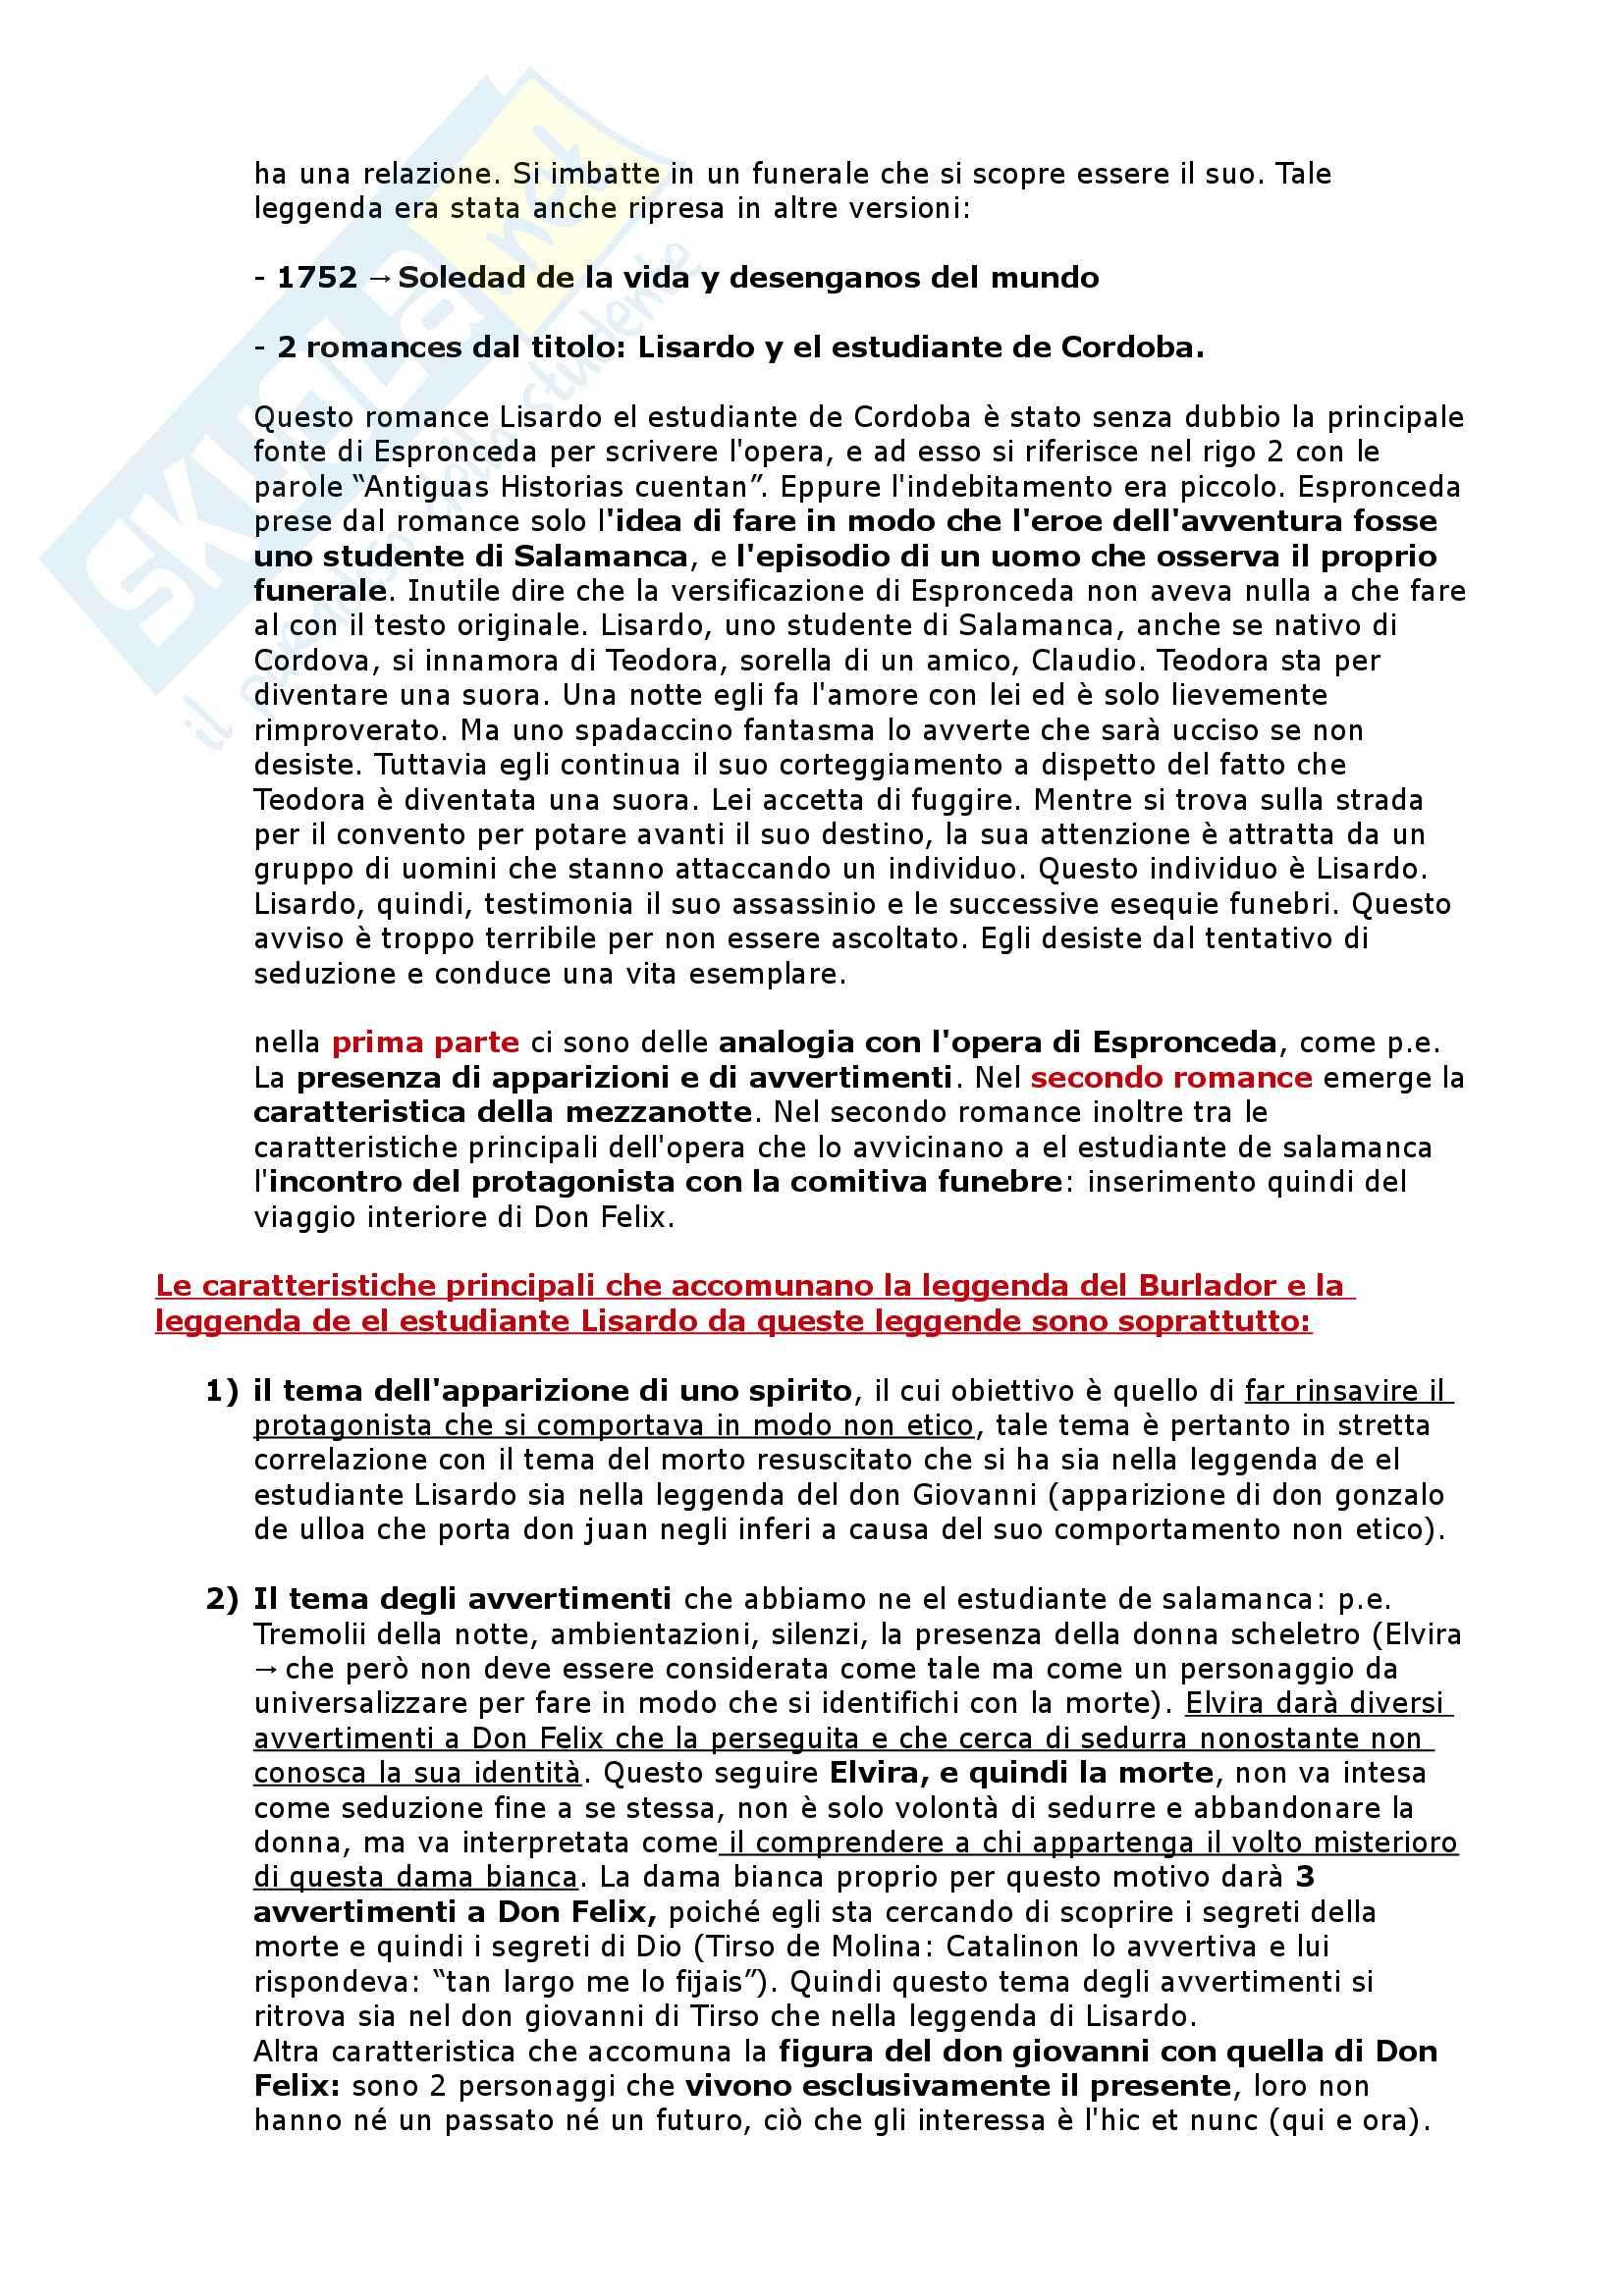 Il Settecento, l'Ottocento, il Novecento - Letteratura Spagnola II Pag. 56